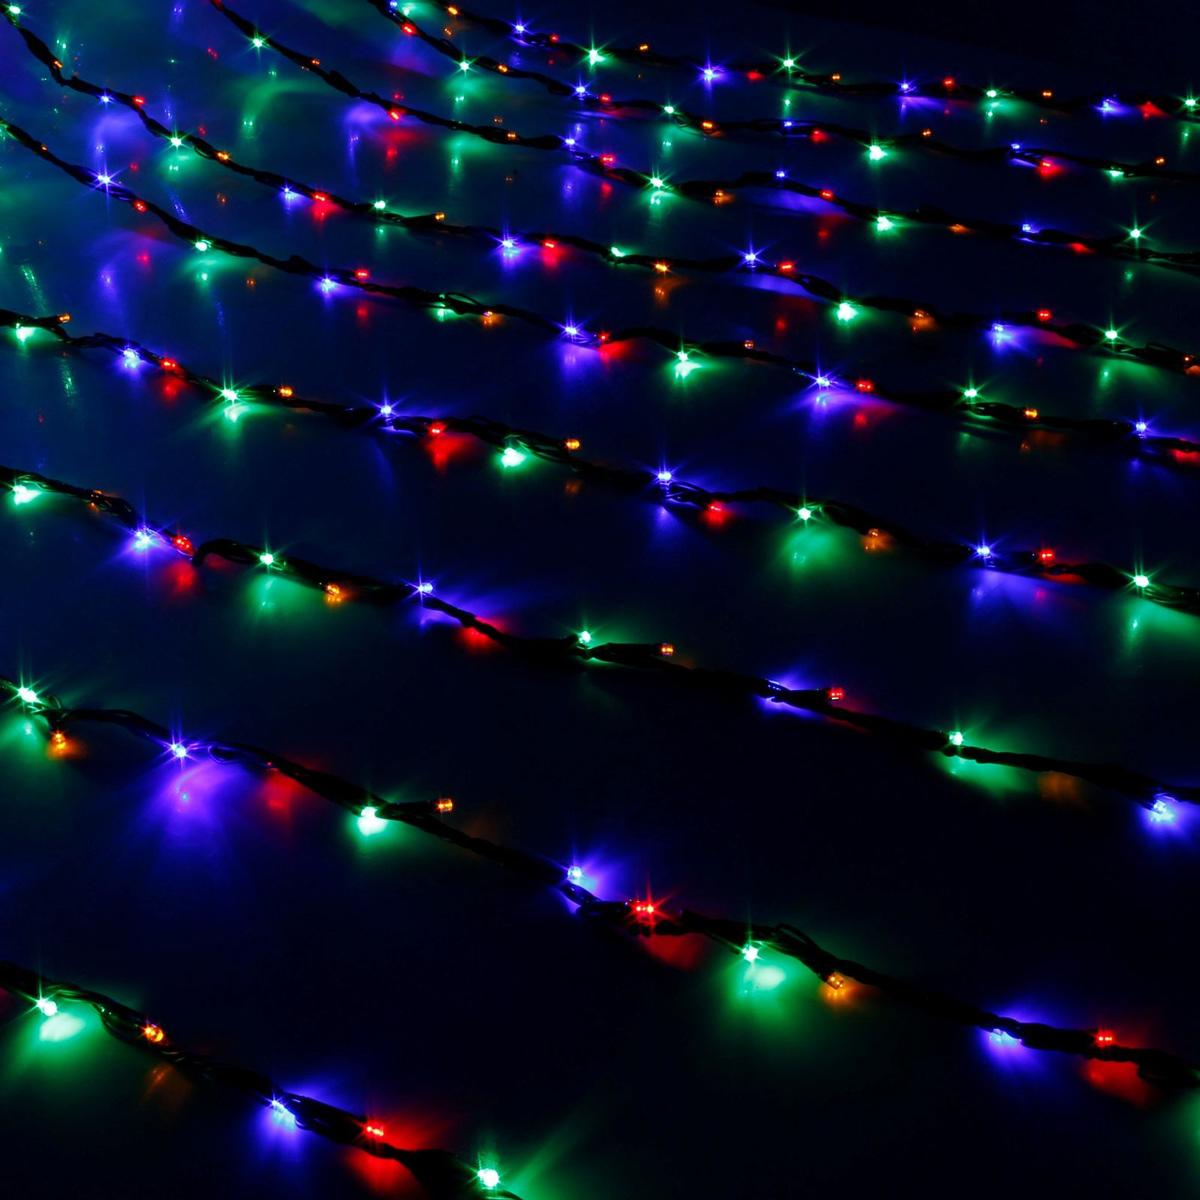 Гирлянда светодиодная Luazon Дождь, уличная, 800 ламп, 220 V, цвет: мультиколор, 2 х 3 м. 187323187323Светодиодные гирлянды, ленты и т.д — это отличный вариант для новогоднего оформления интерьера или фасада. С их помощью помещение любого размера можно превратить в праздничный зал, а внешние элементы зданий, украшенные ими, мгновенно станут напоминать очертания сказочного дворца. Такие украшения создают ауру предвкушения чуда. Деревья, фасады, витрины, окна и арки будто специально созданы, чтобы вы украсили их светящимися нитями.